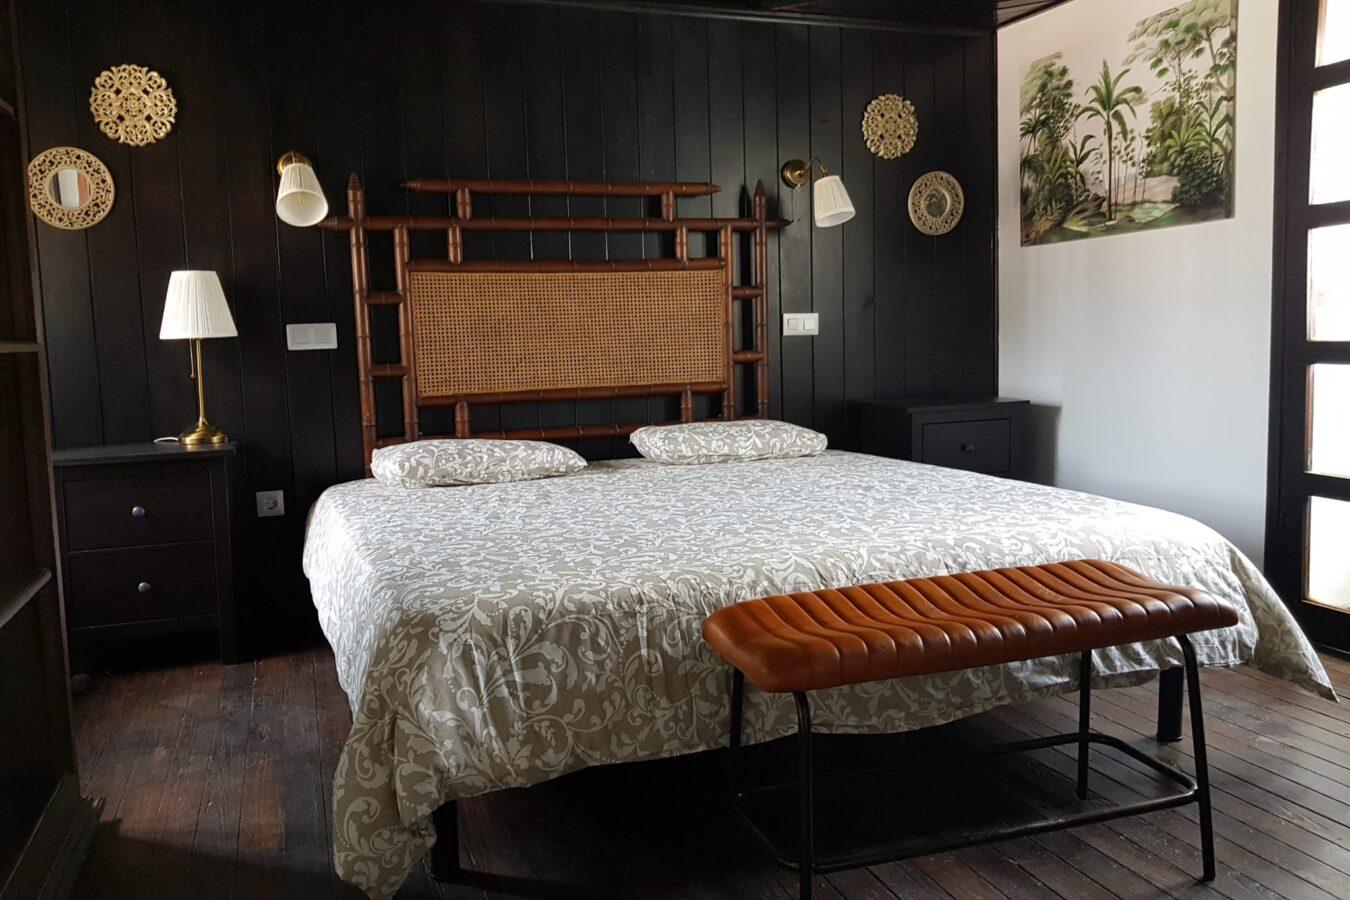 Estancia-Sos-Dormitorio